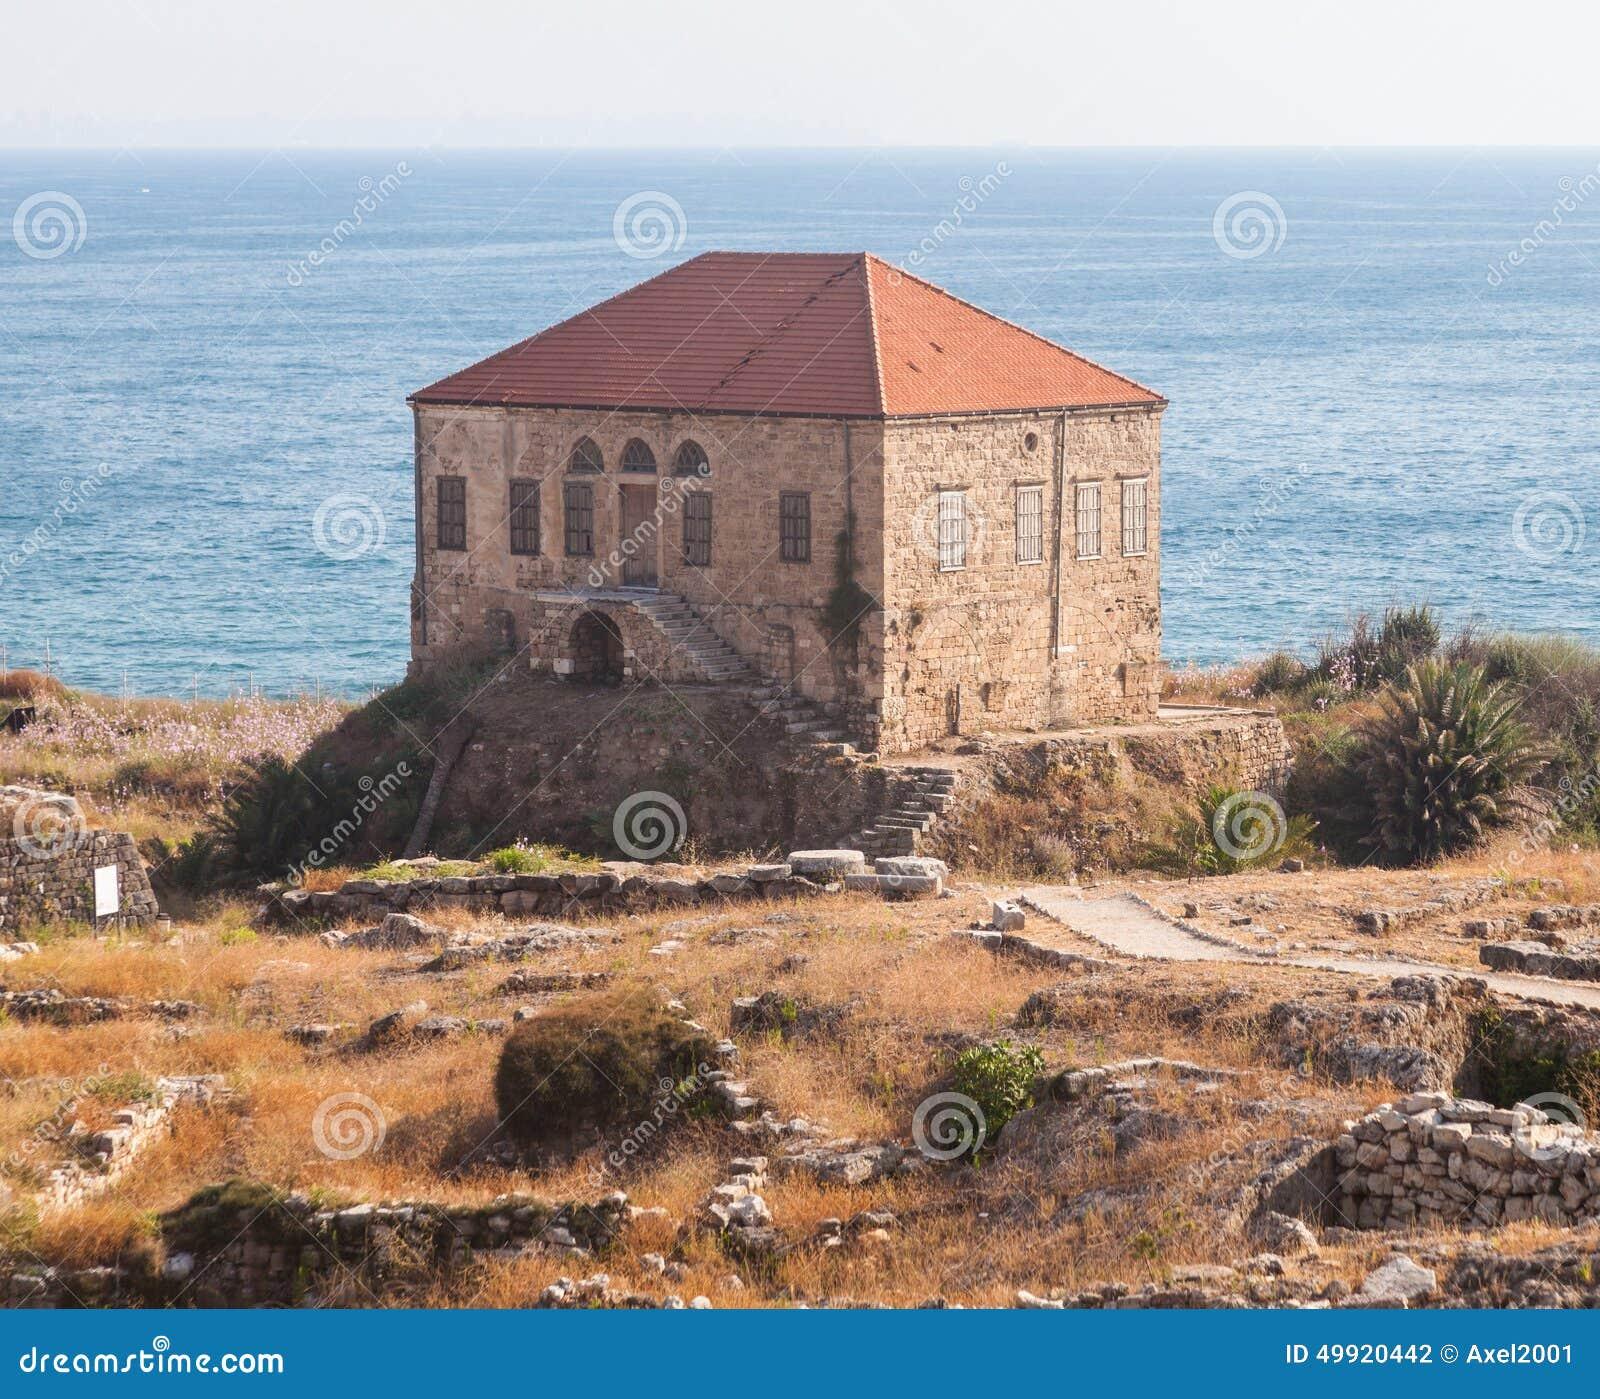 Maison libanaise traditionnelle au dessus de la mer for Maison prefabriquee liban